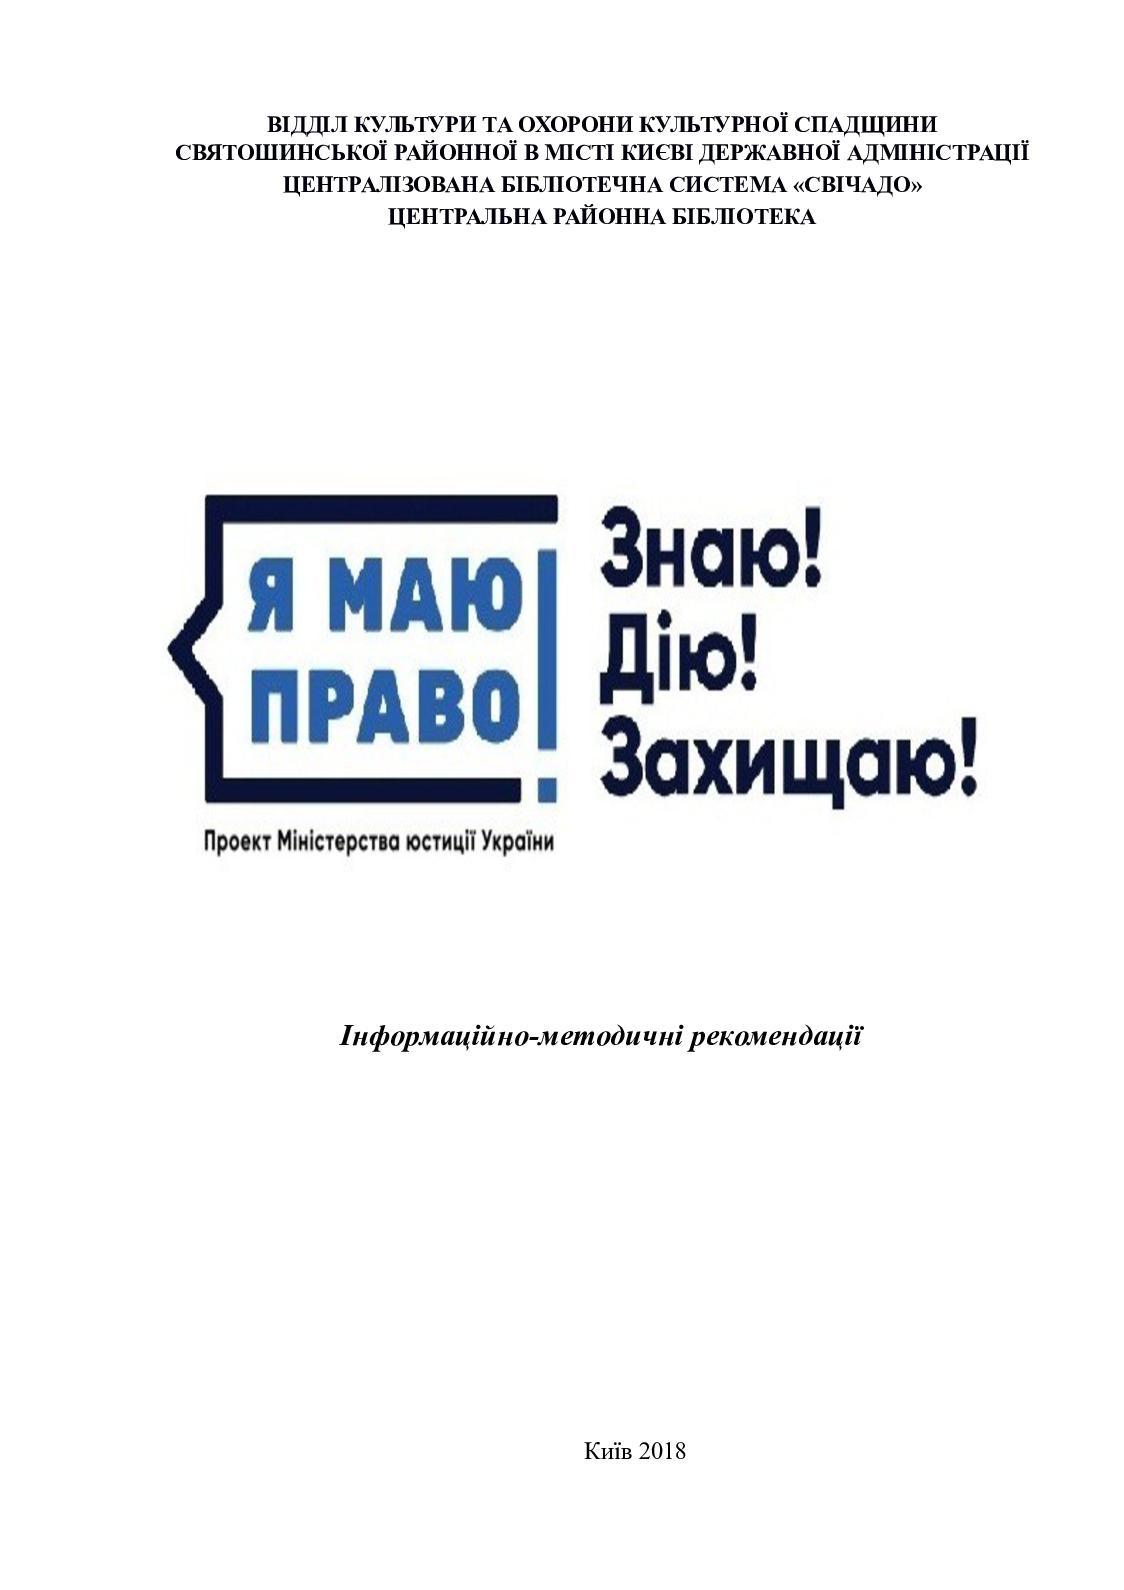 Calaméo - Я маю право  рекомендації бібліотекам 2b43951168137